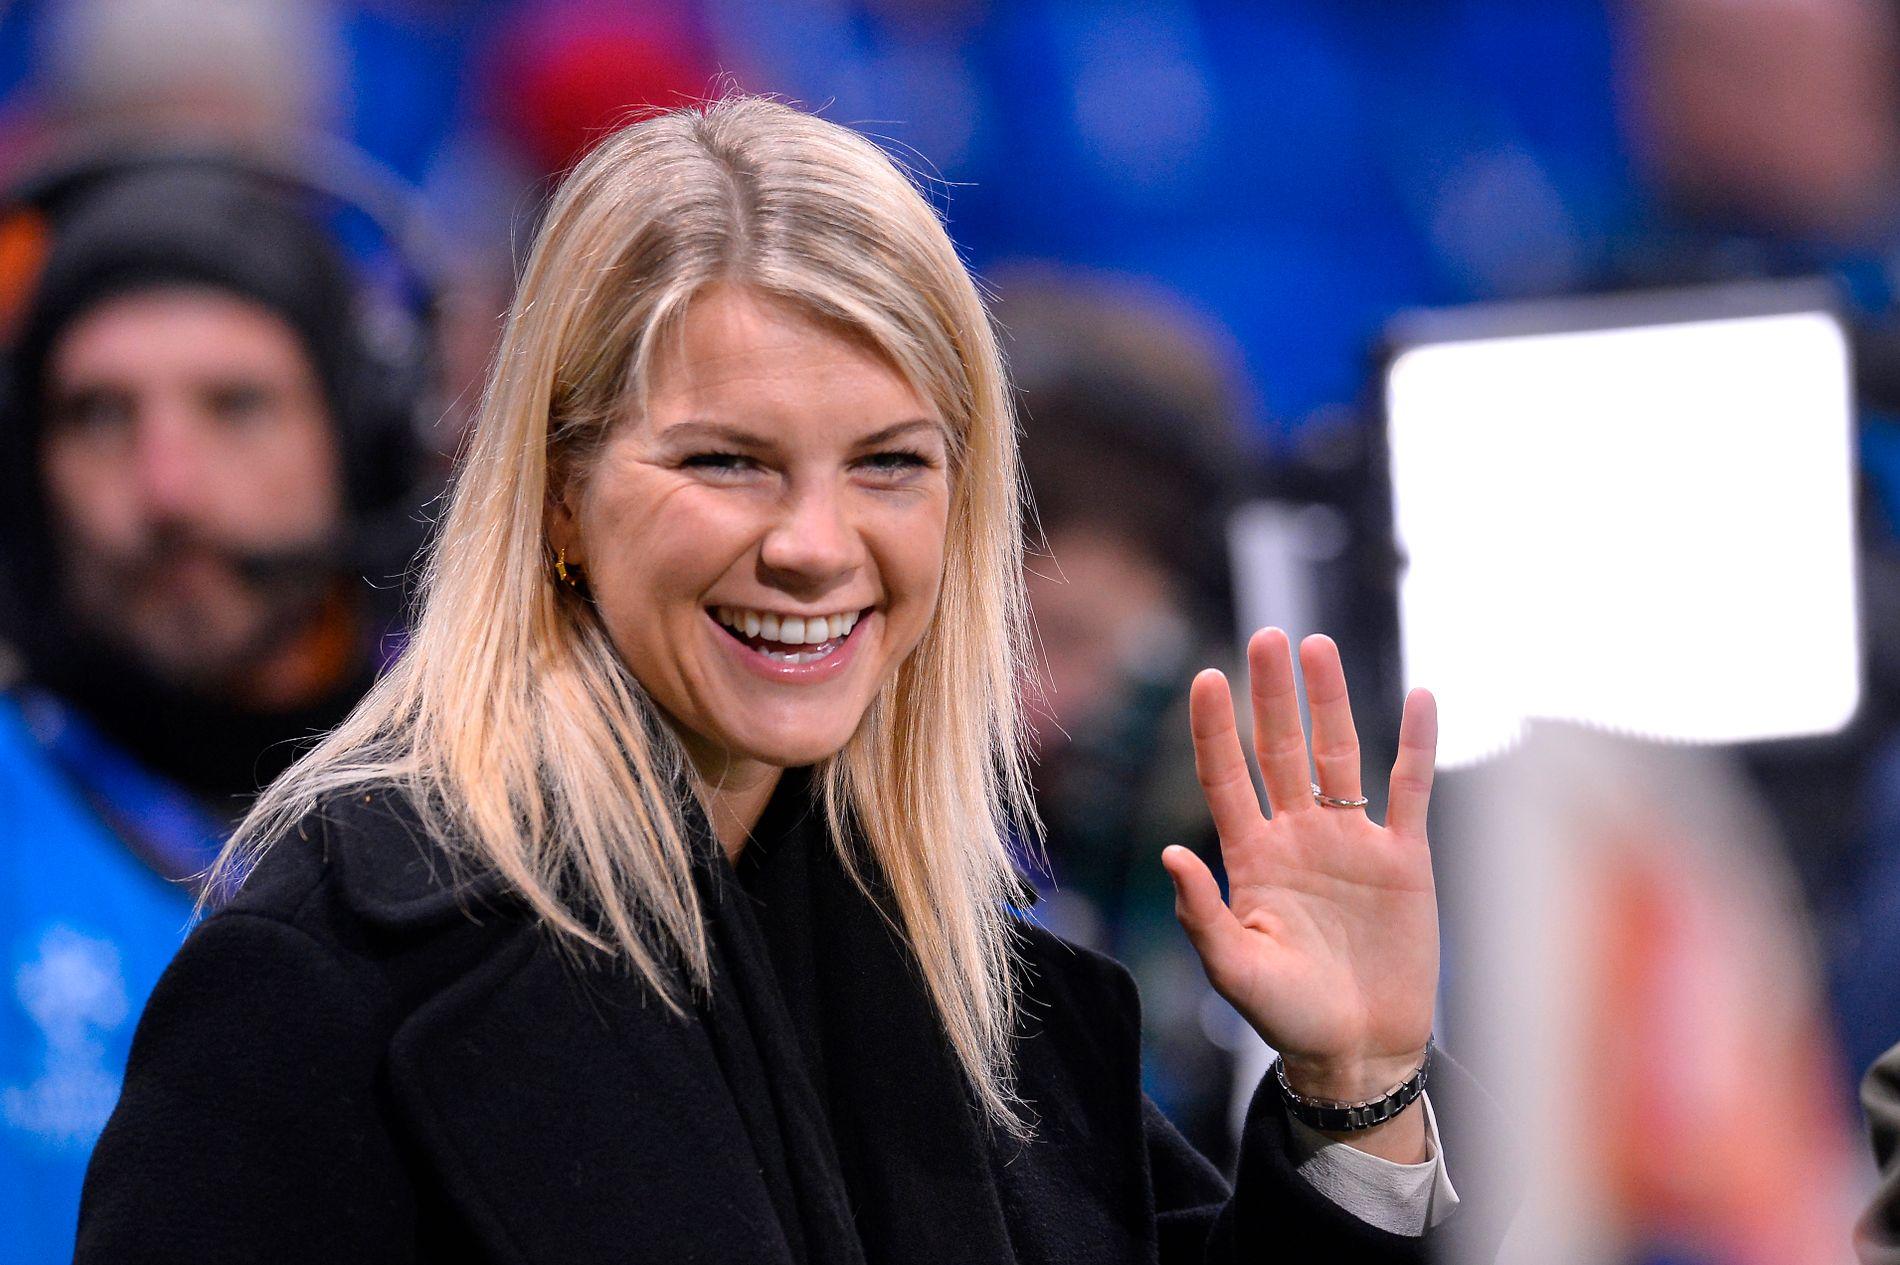 HØY STJERNEFAKTOR: Ingen kvinnelig europeisk fotballspiller har et større navn enn Ada Hegerberg etter fjorårets Gullballen-triumf. Her er hun avbildet på tribunen i forbindelse med herrenes 8-delsfinale mellom Lyon og Barcelona tidligere i år. I dag er det Champions League-finale mot nettopp Barcelona.